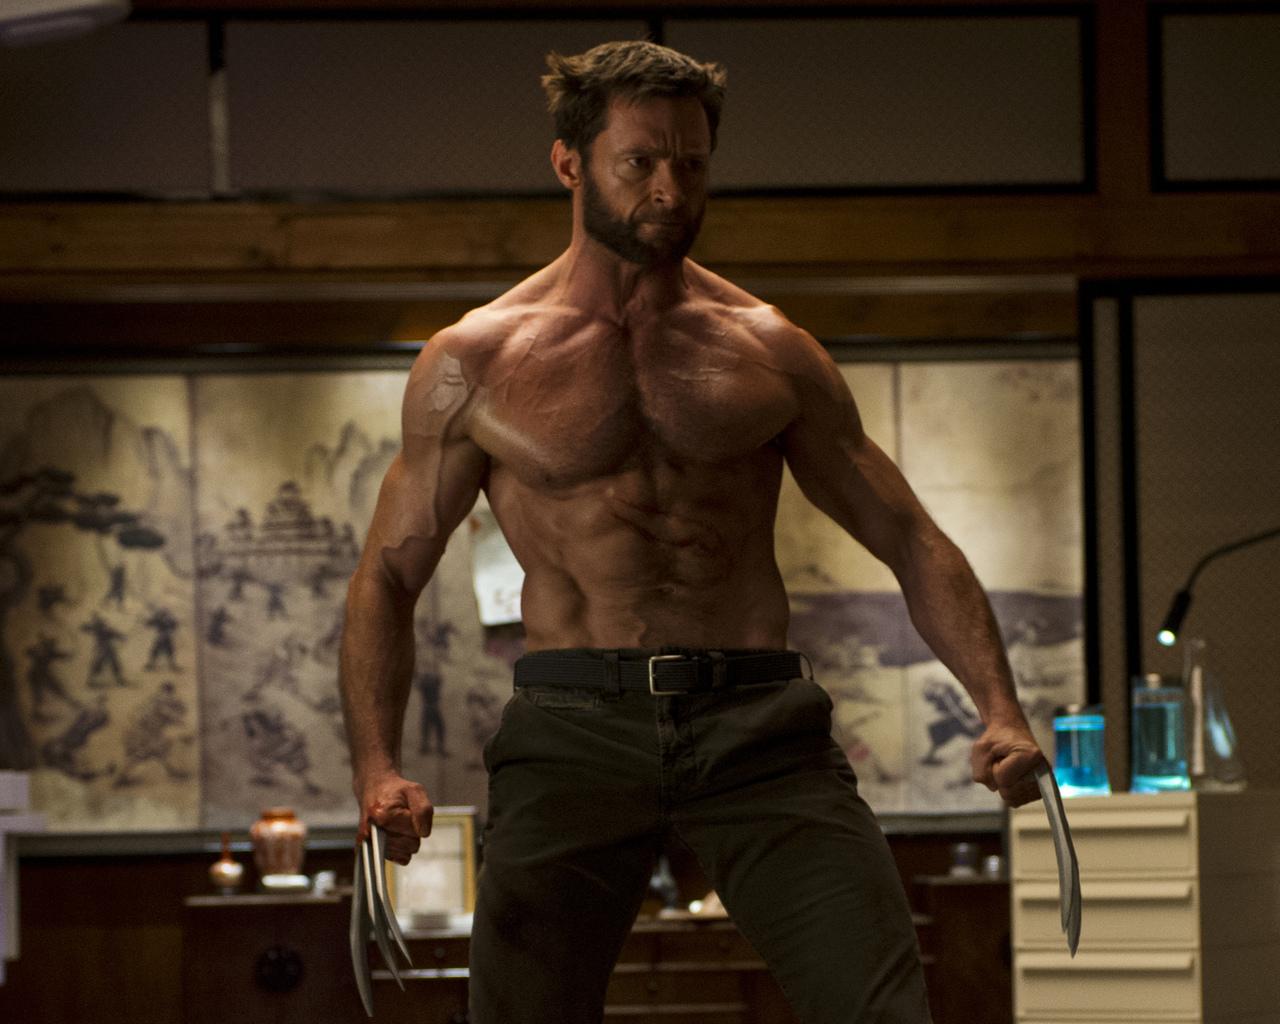 Откуда у логана мускулы растут: тренировки и питание хью джекмана к ролиросомахи